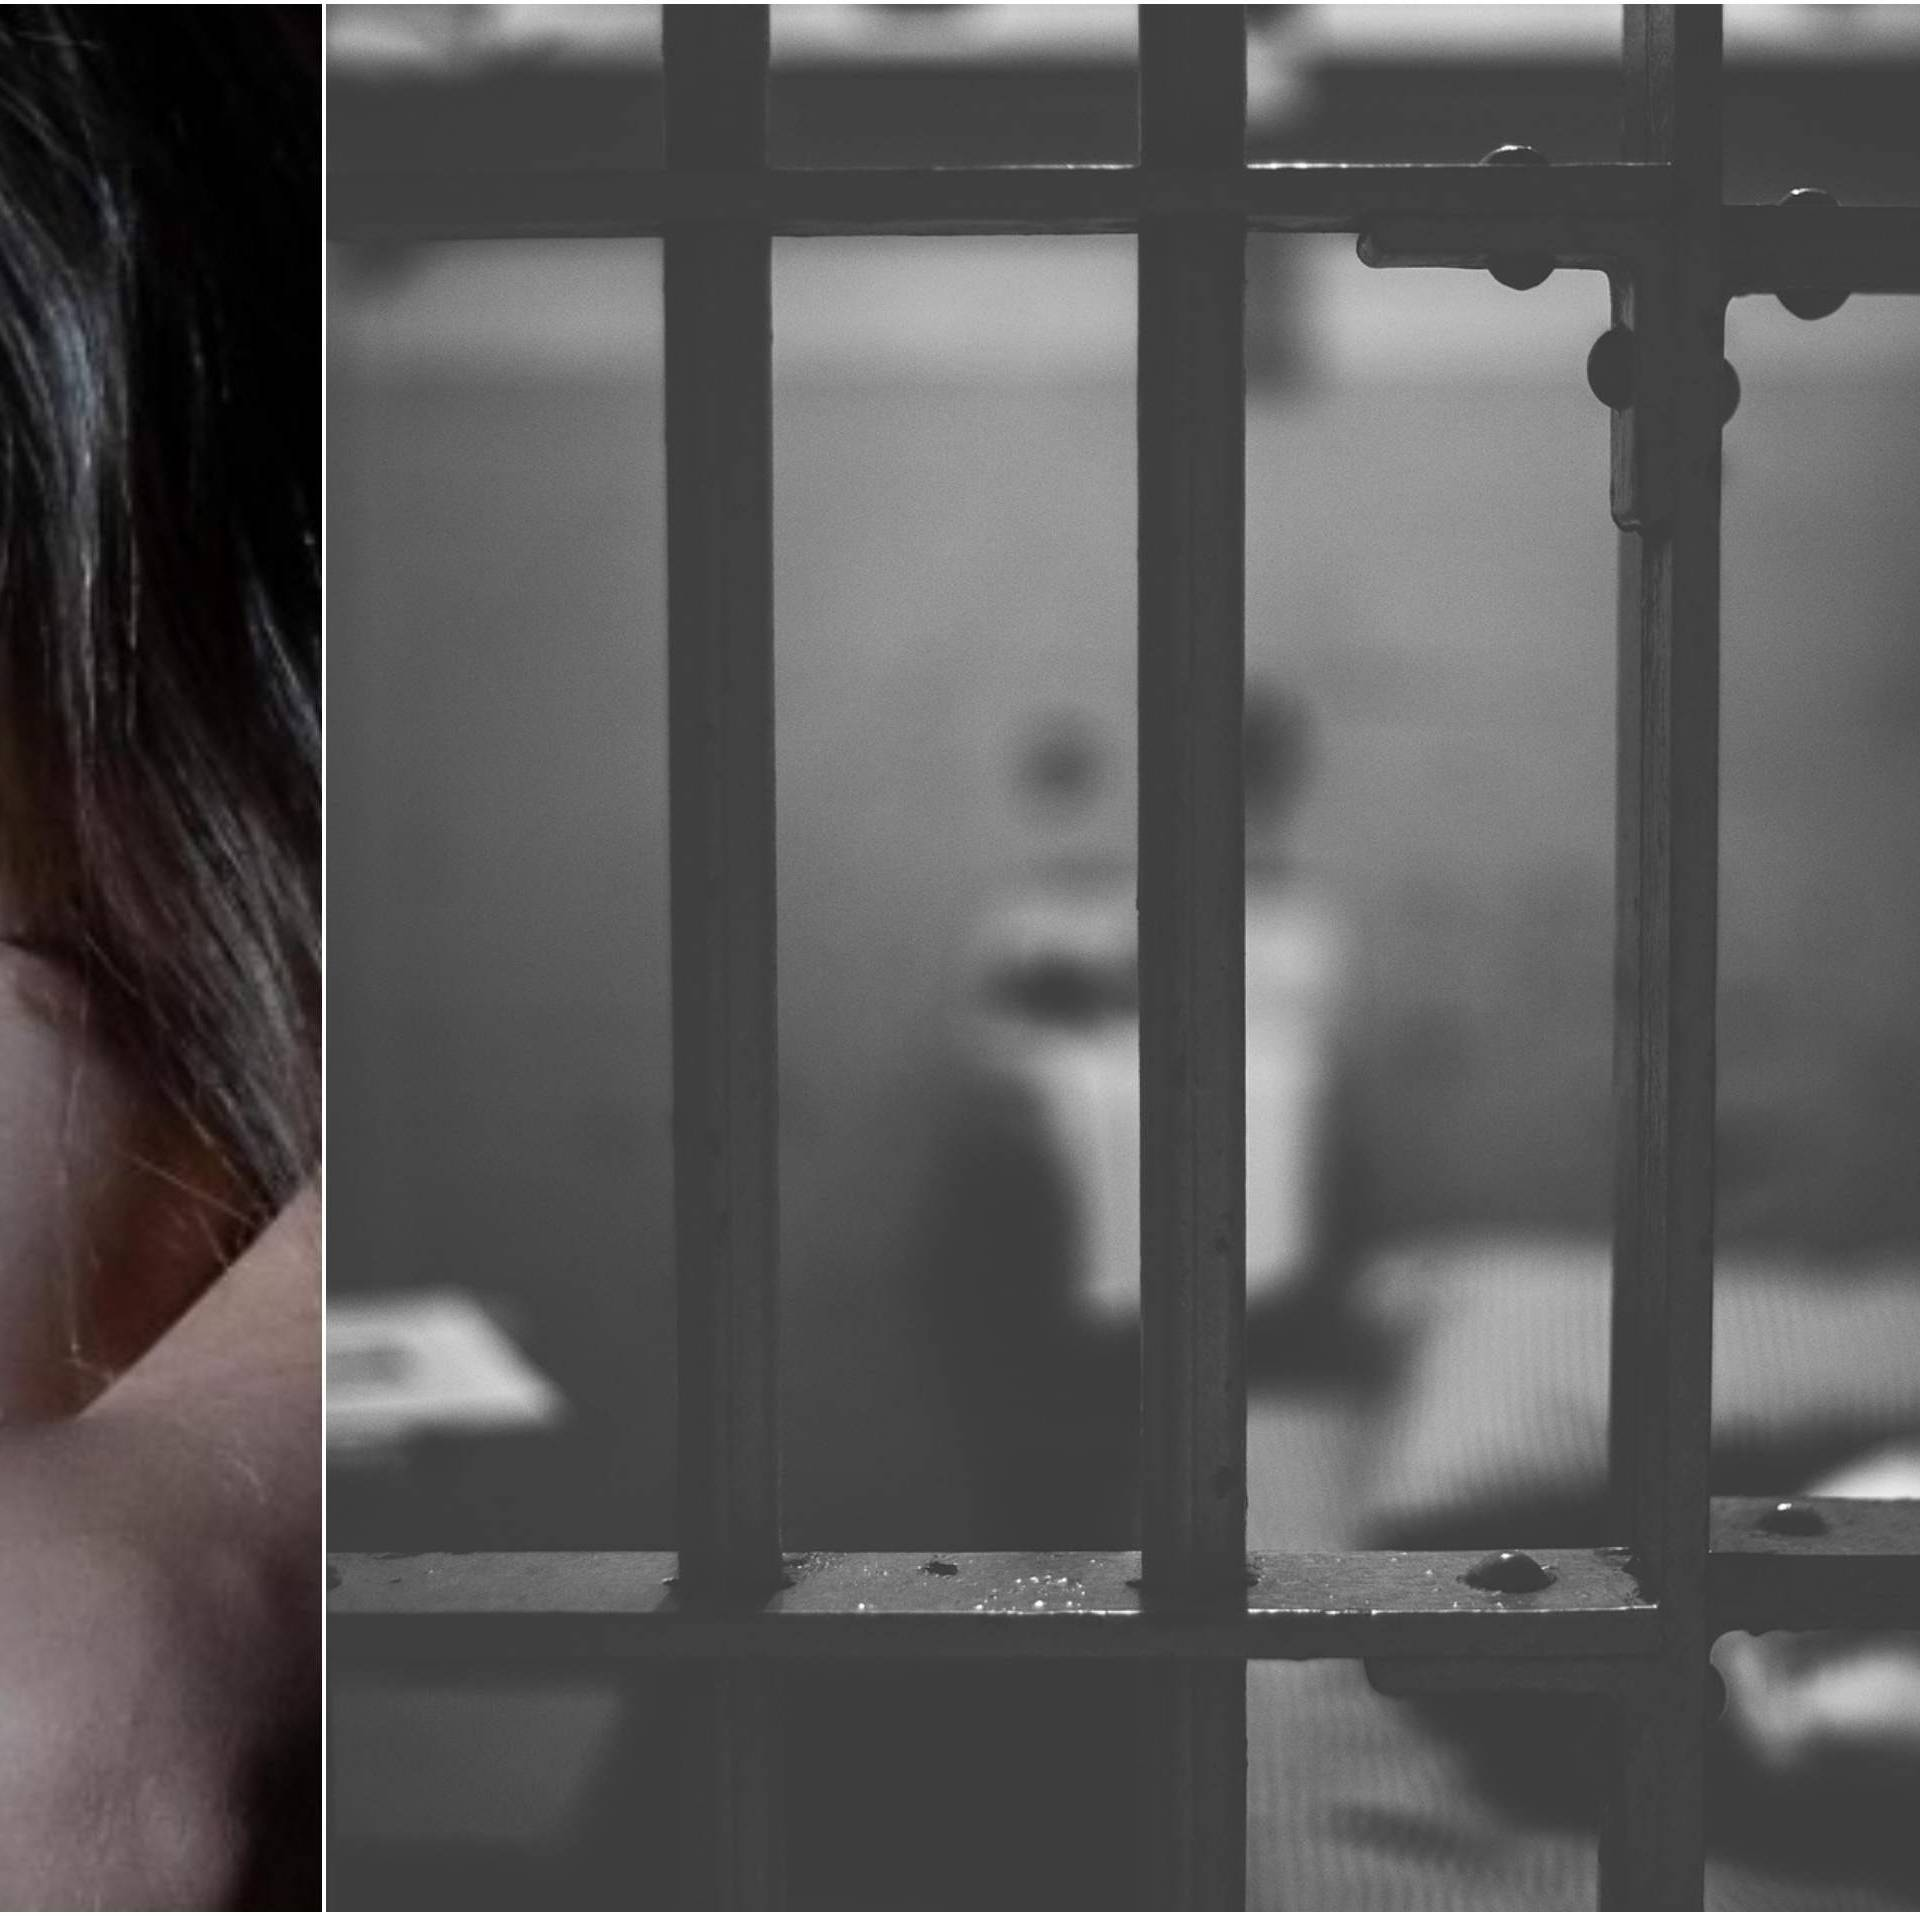 Zaveo dadilju (13) svoje djece, supruga joj prijetila ubojstvom